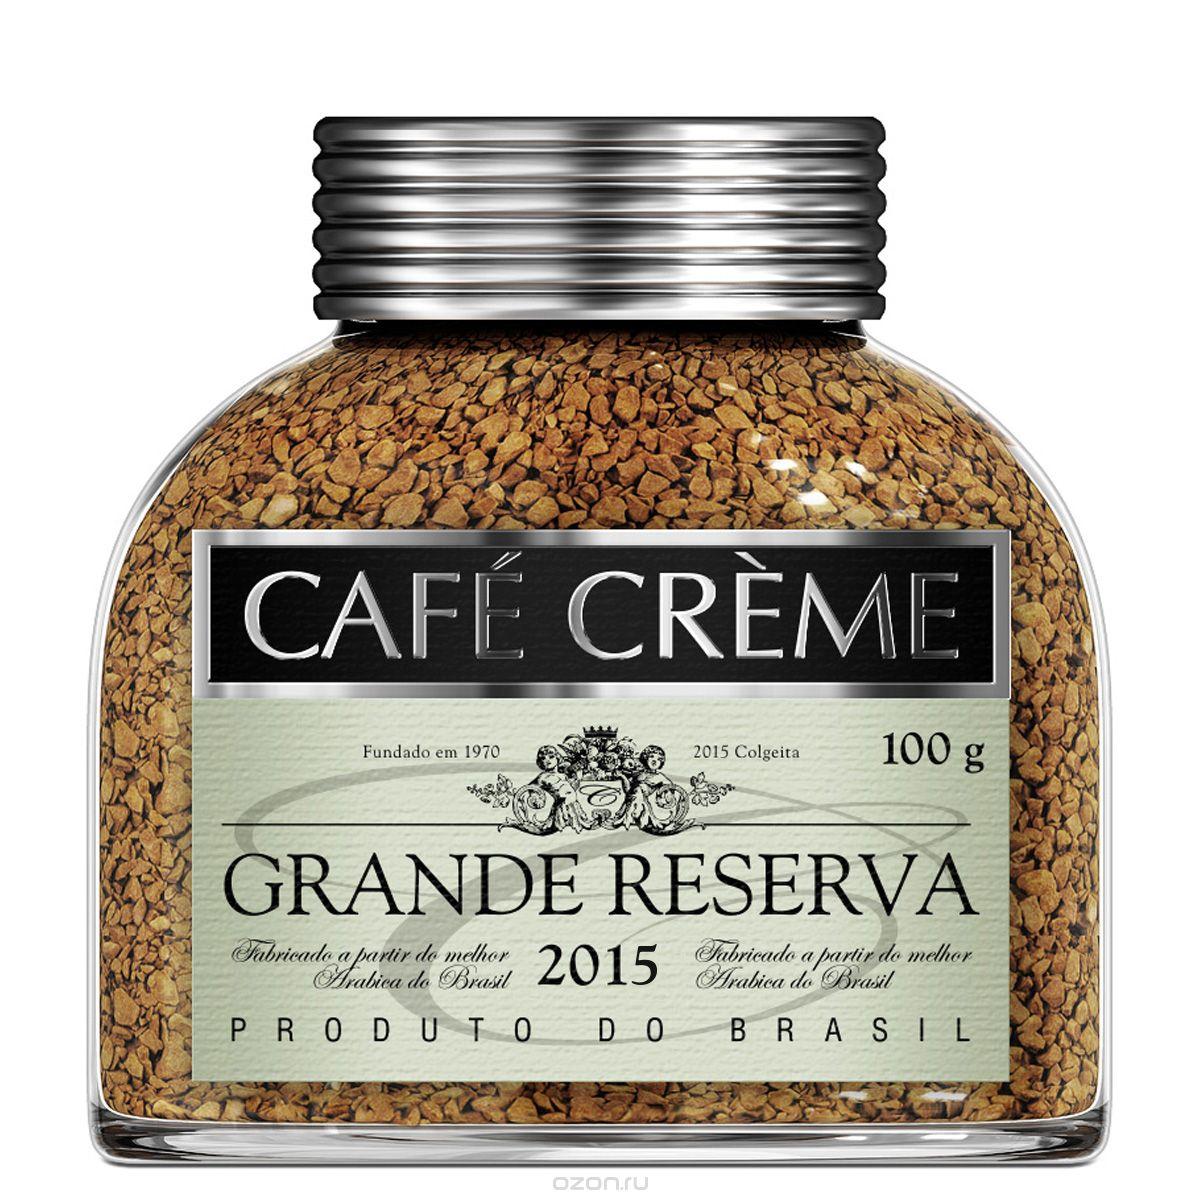 Cafe Creme Grande Reserva кофе растворимый, 100 г101246Cafe Creme Grande Reserva - это кофе, созданный из зерен высочайшего качества, который обладает прекрасным кремовым, густым и бархатным вкусом и имеет насыщенный, интенсивный аромат. Зарезервируйте свою баночку, чтобы сохранить в памяти настоящий зажигательный бразильский кофе, рождённый уникальными погодными условиями.Уважаемые клиенты! Обращаем ваше внимание на то, что упаковка может иметь несколько видов дизайна. Поставка осуществляется в зависимости от наличия на складе.